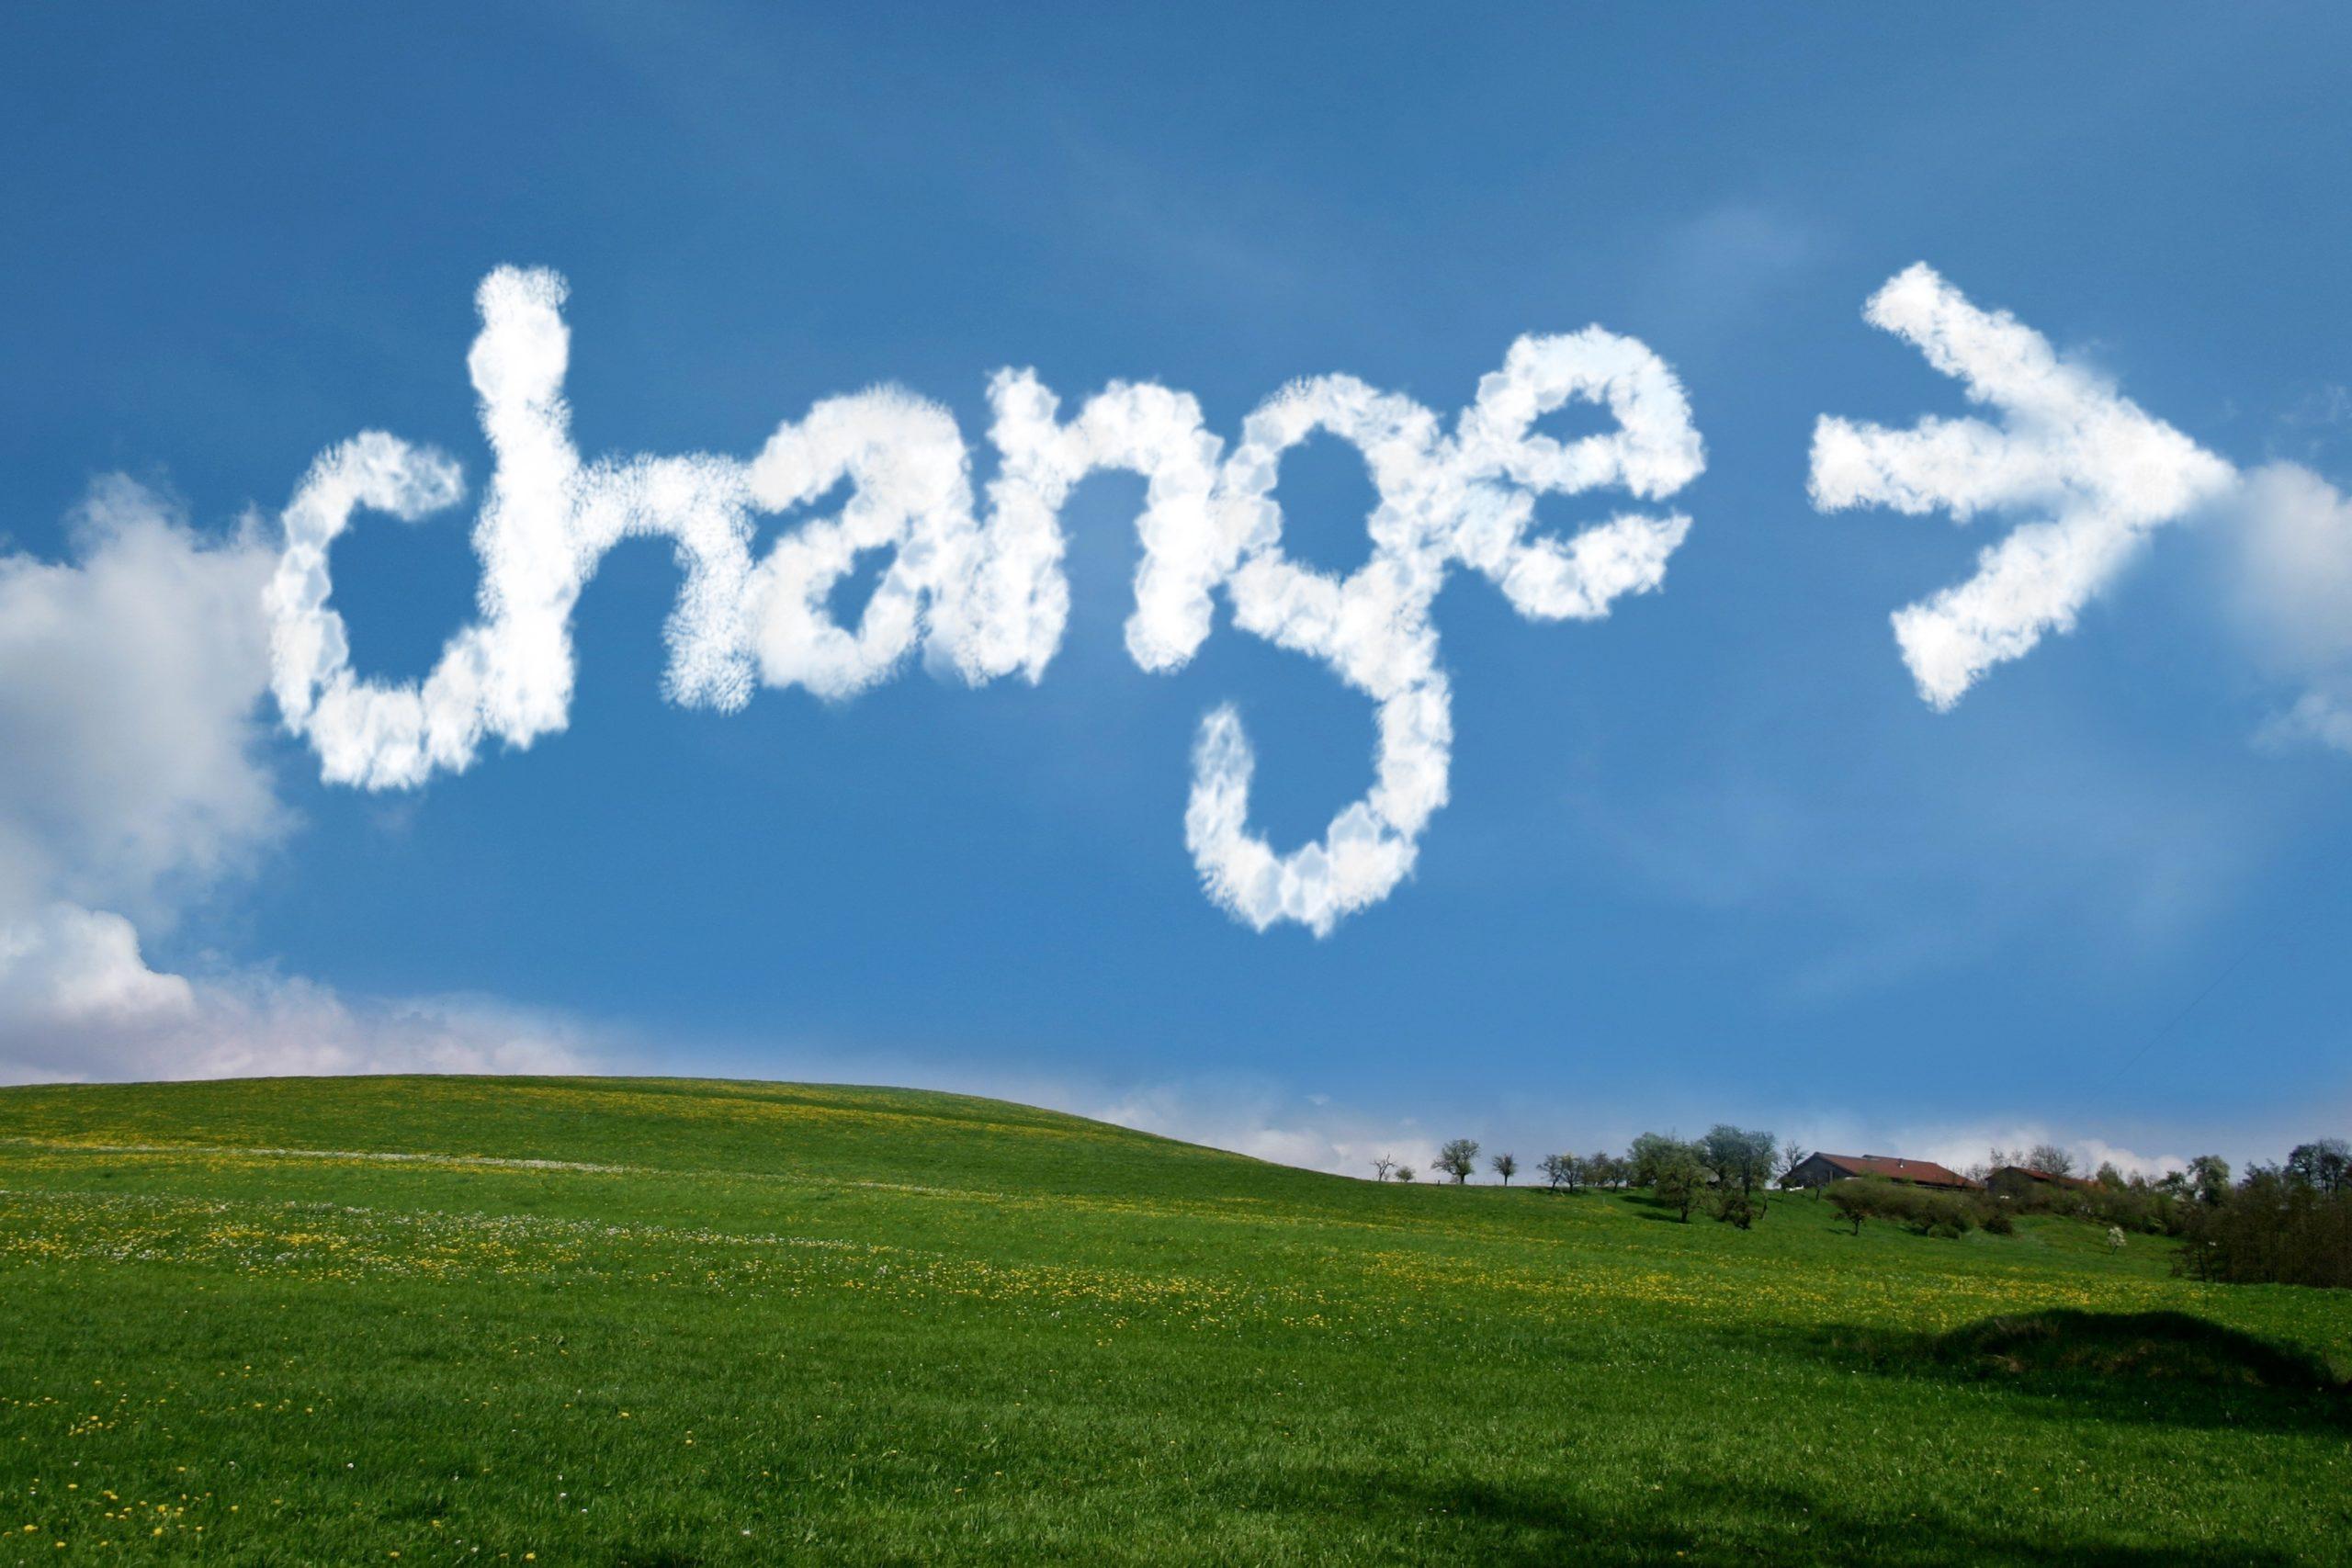 Beruflich mich da und ich weiterentwickeln möchte verändern Beruflich verändern: